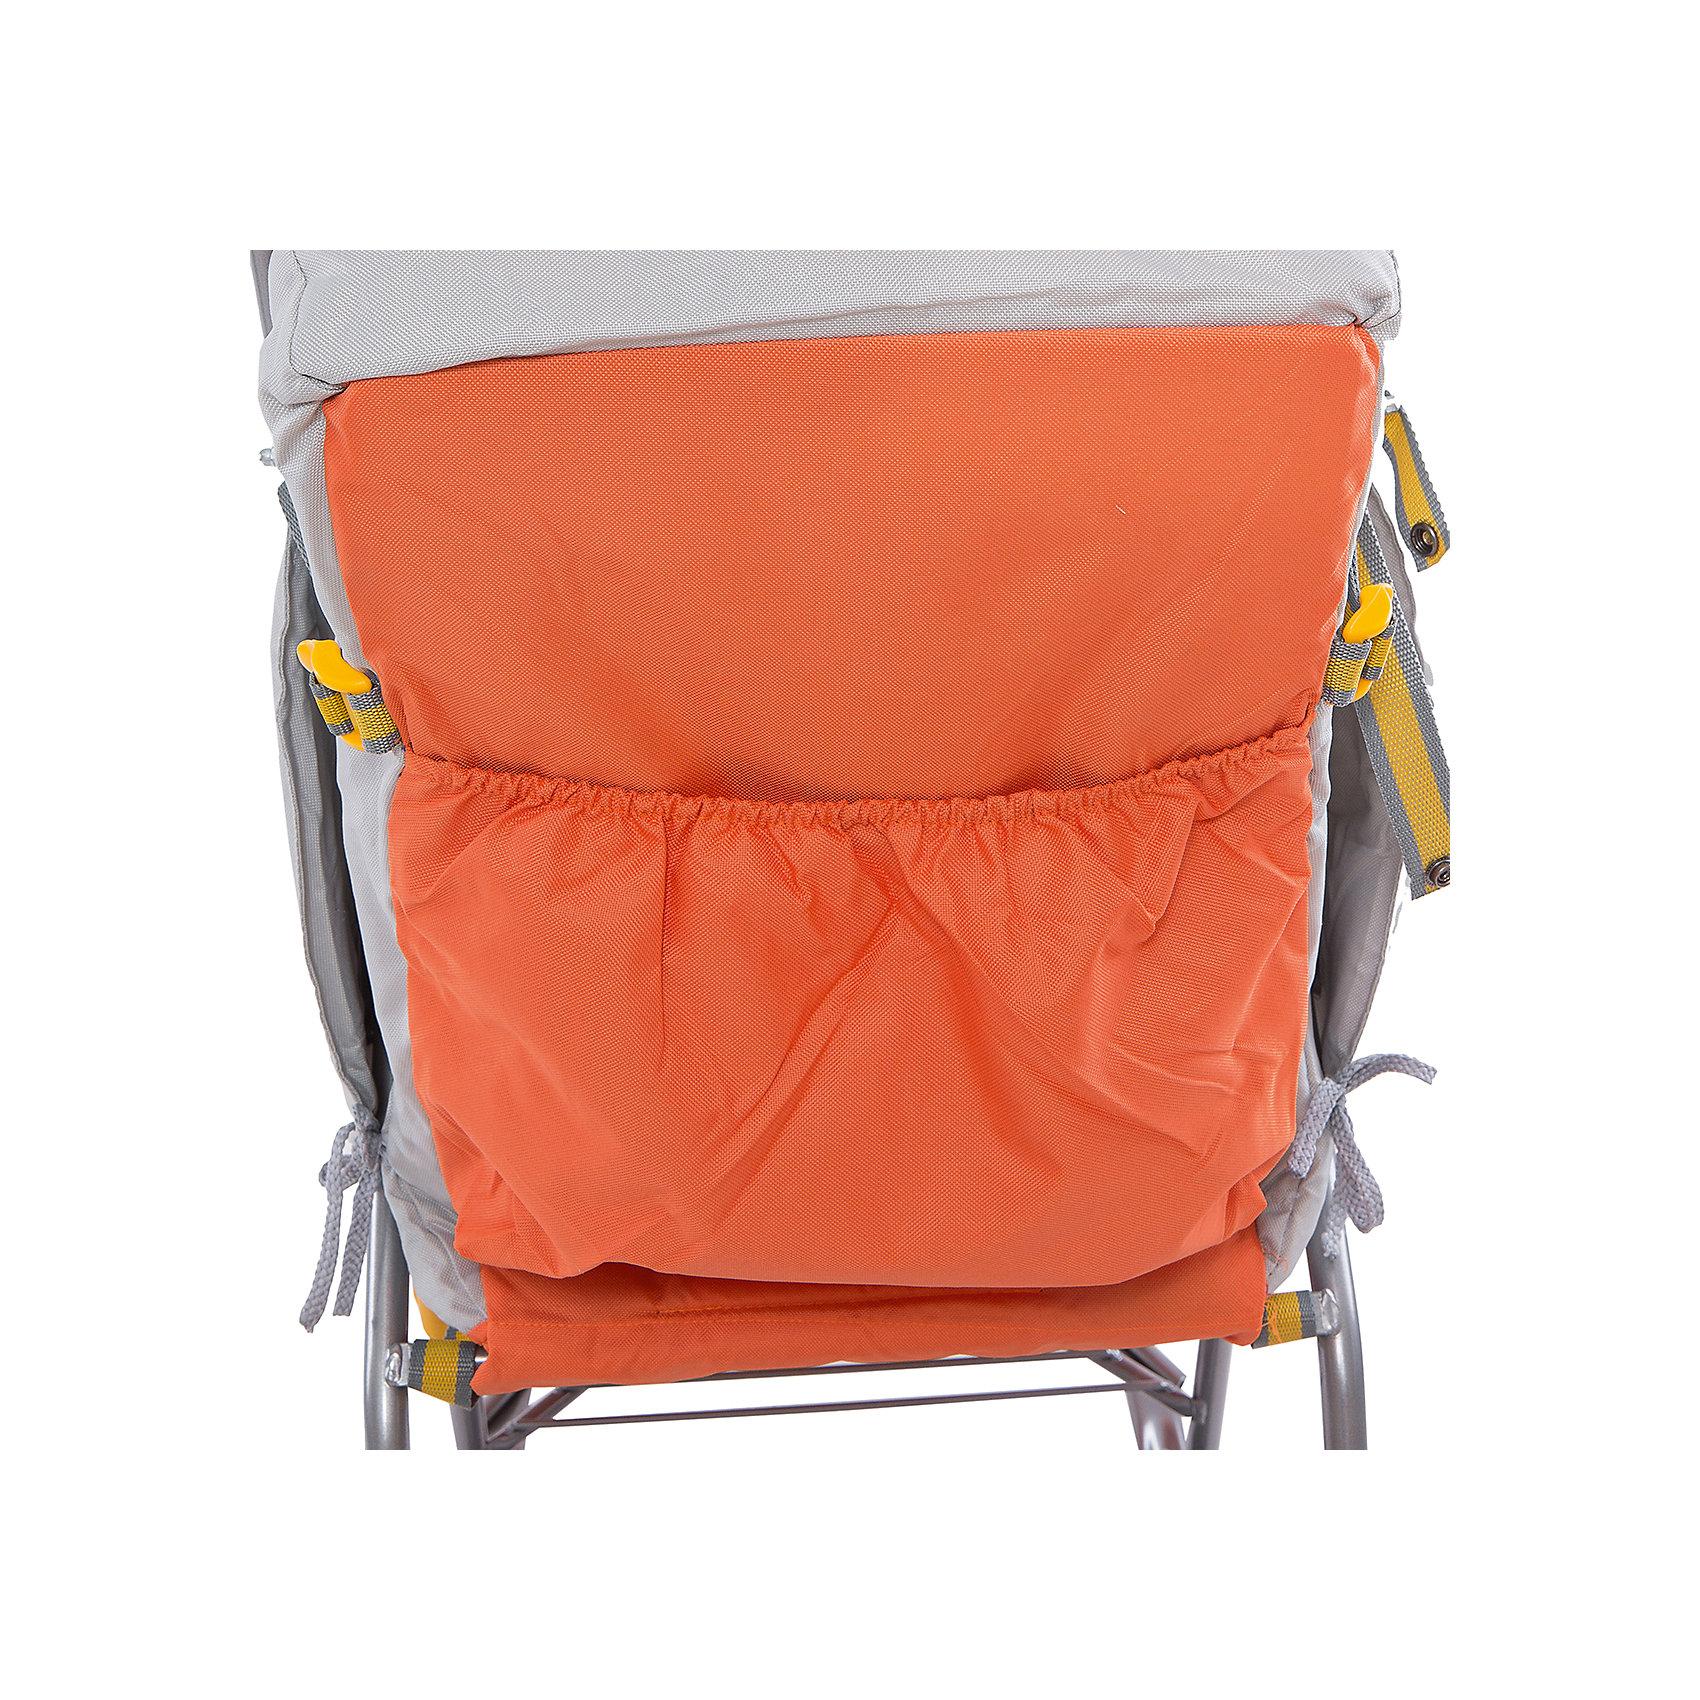 Санки-коляска Тимка 2 Универсальные, оранжевый (Ника)